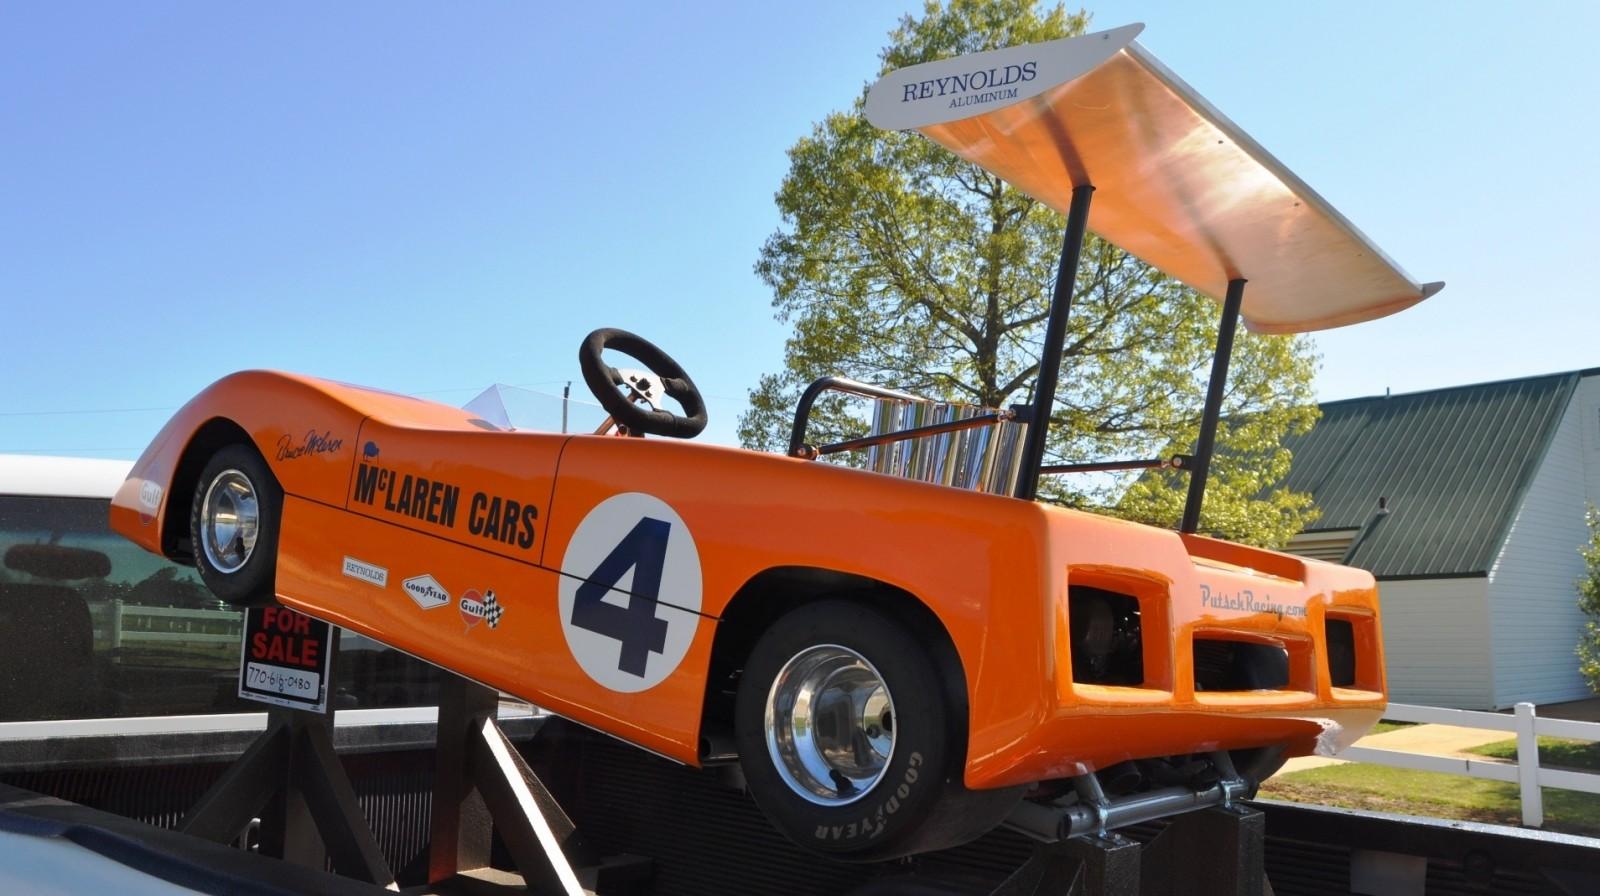 McLaren M8B Go-Kart Seeking Posh New Home, McLaren Owner Strongly Preferred 10